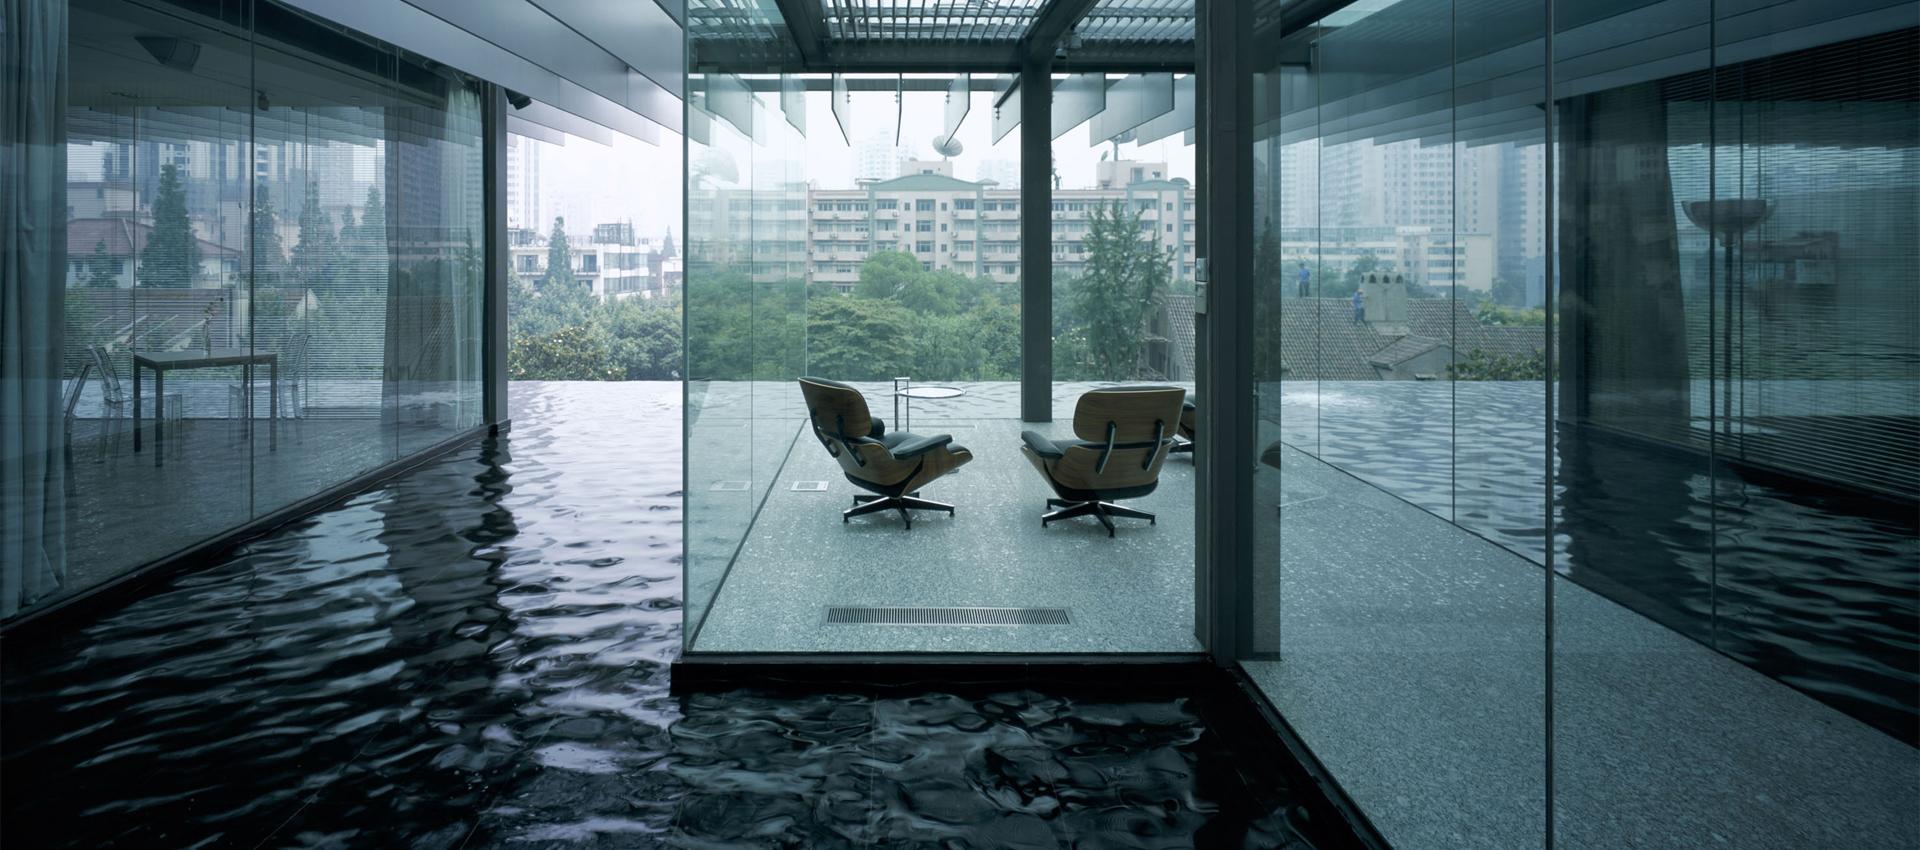 Vista interior por el jardín de agua en el Z58 por Kengo Kuma. Fotografía © Mitsumasa Fujitsuka. Imagen cortesía de Kengo Kuma and Associates